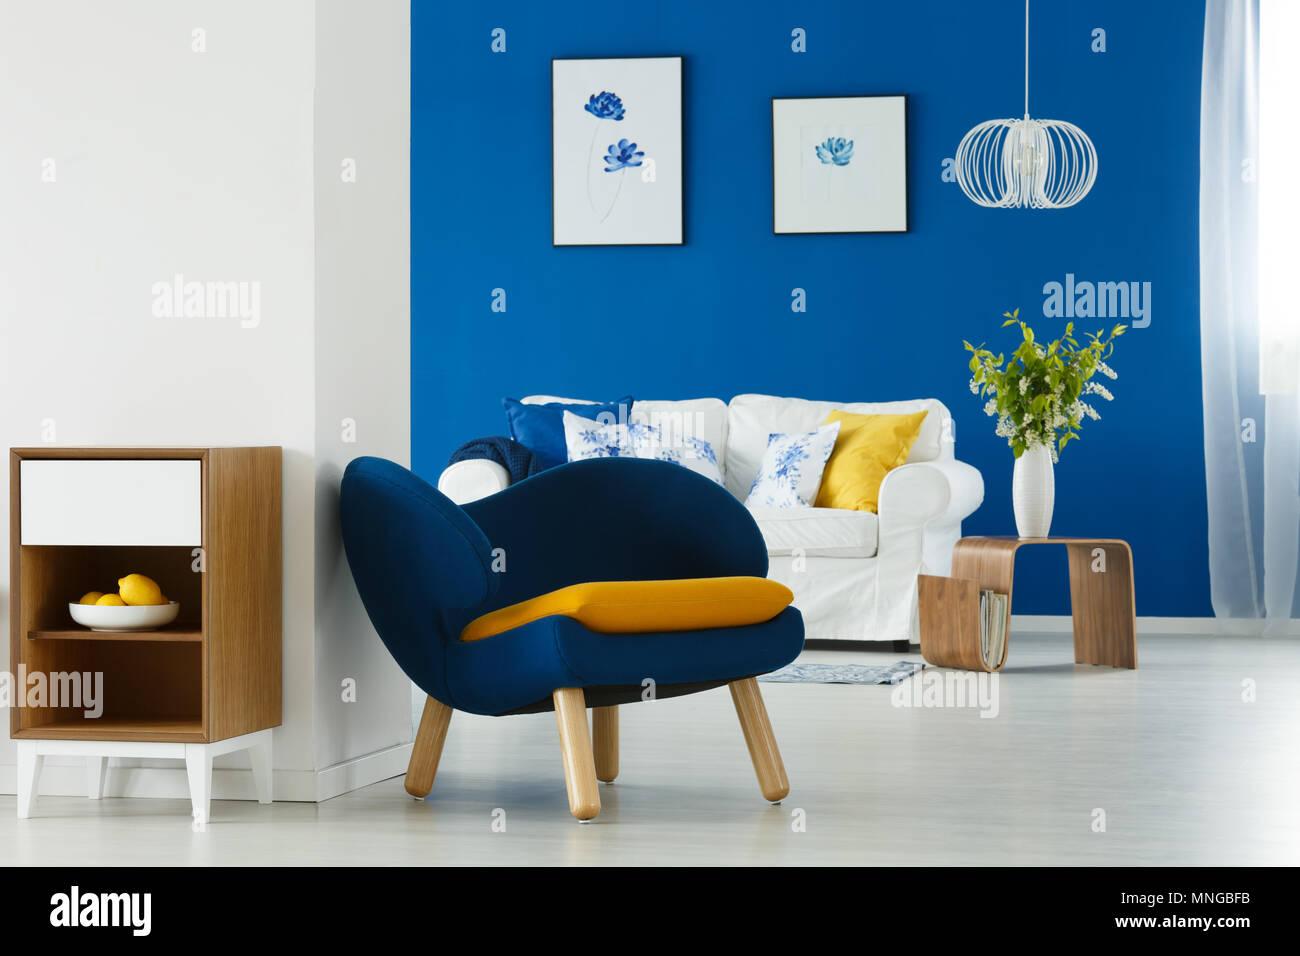 Moderne Einrichtung In Blau Und Weiß Wohnzimmer